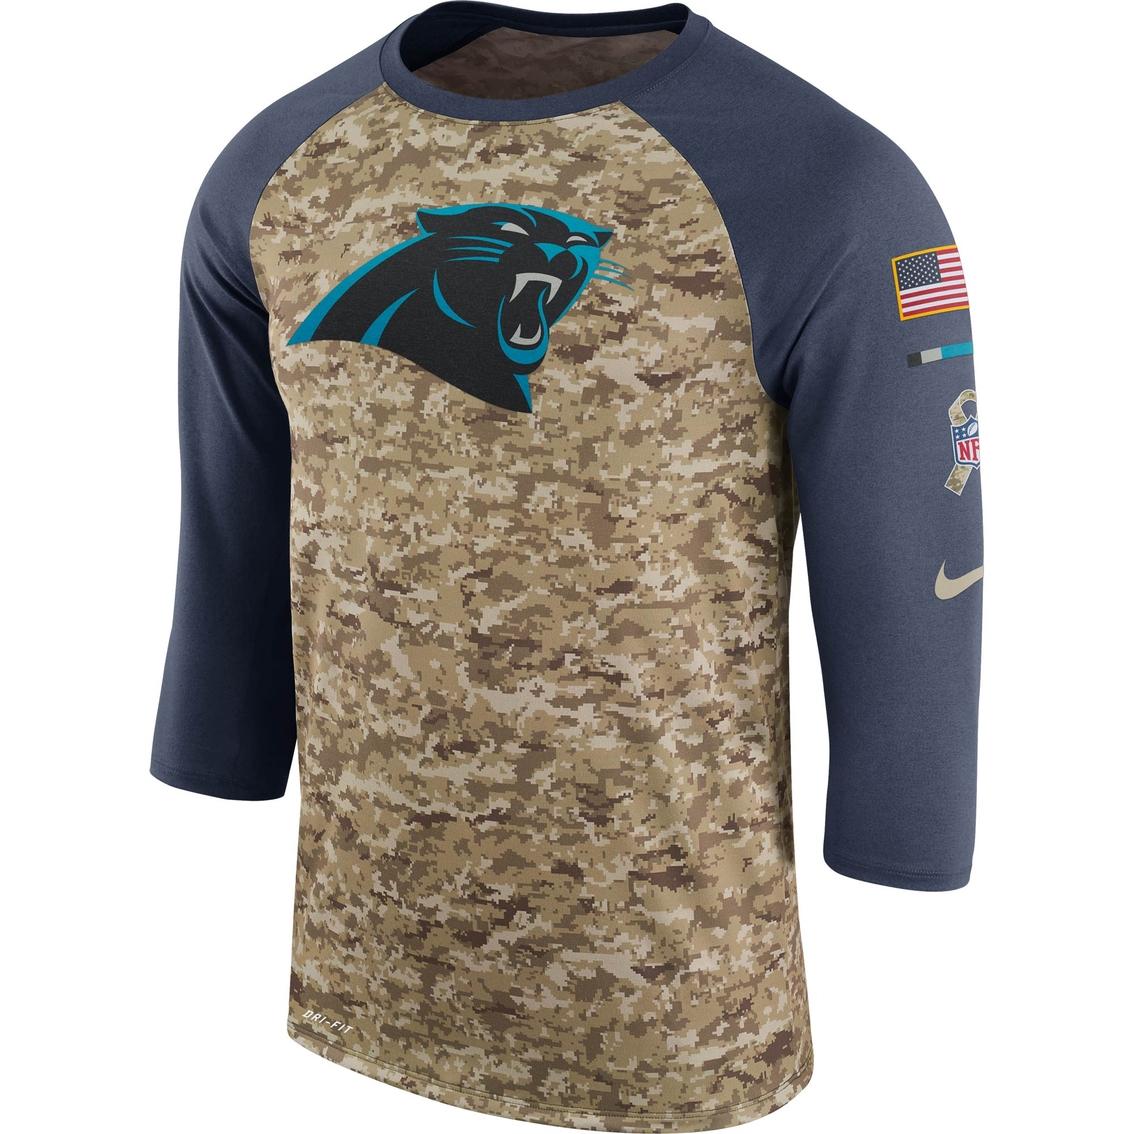 pretty nice 3a828 193a3 Nike Nfl Carolina Panthers Salute To Service Raglan Tee ...